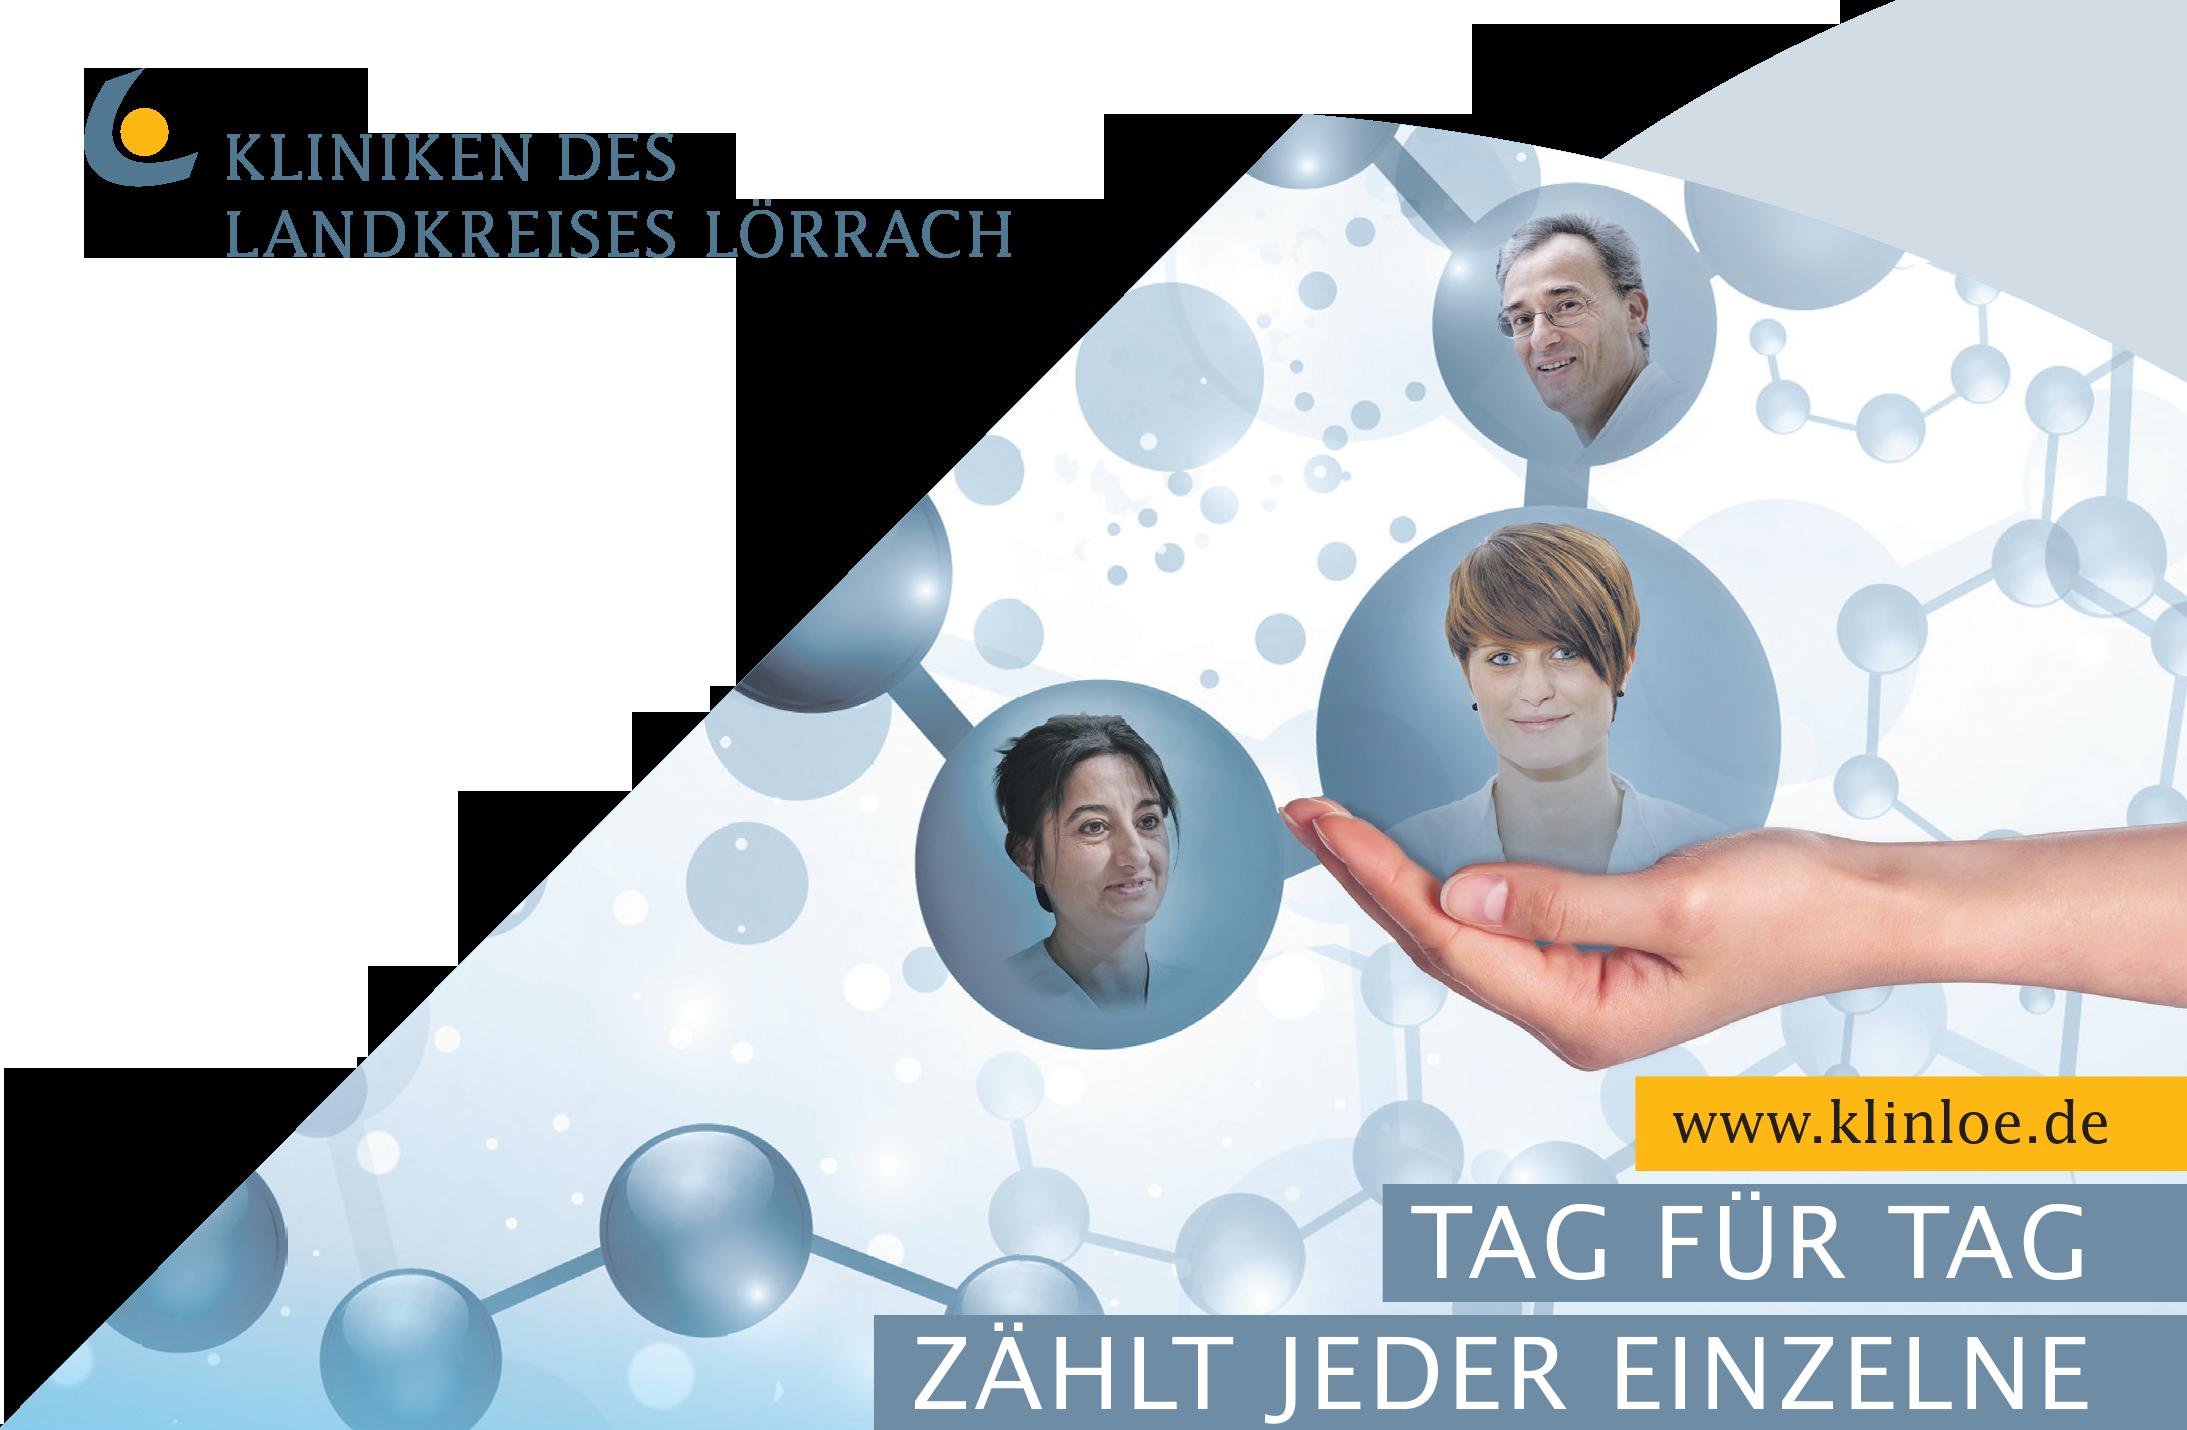 Kliniken des Landkreises Lörrach